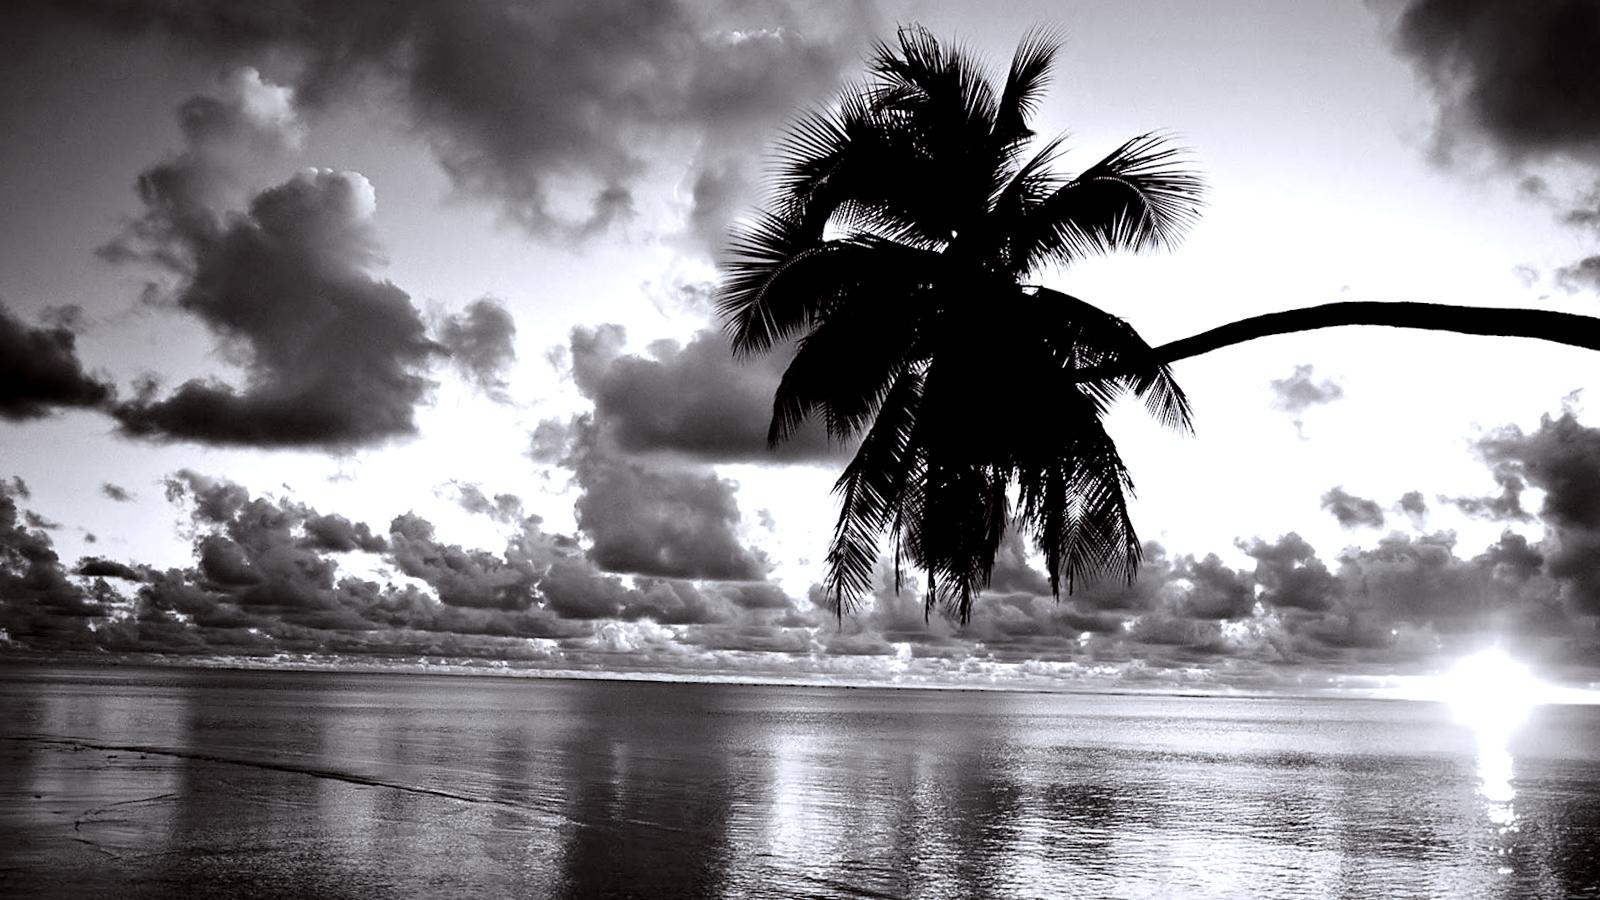 средства красивые черно белые картинки на обои общаться лизой